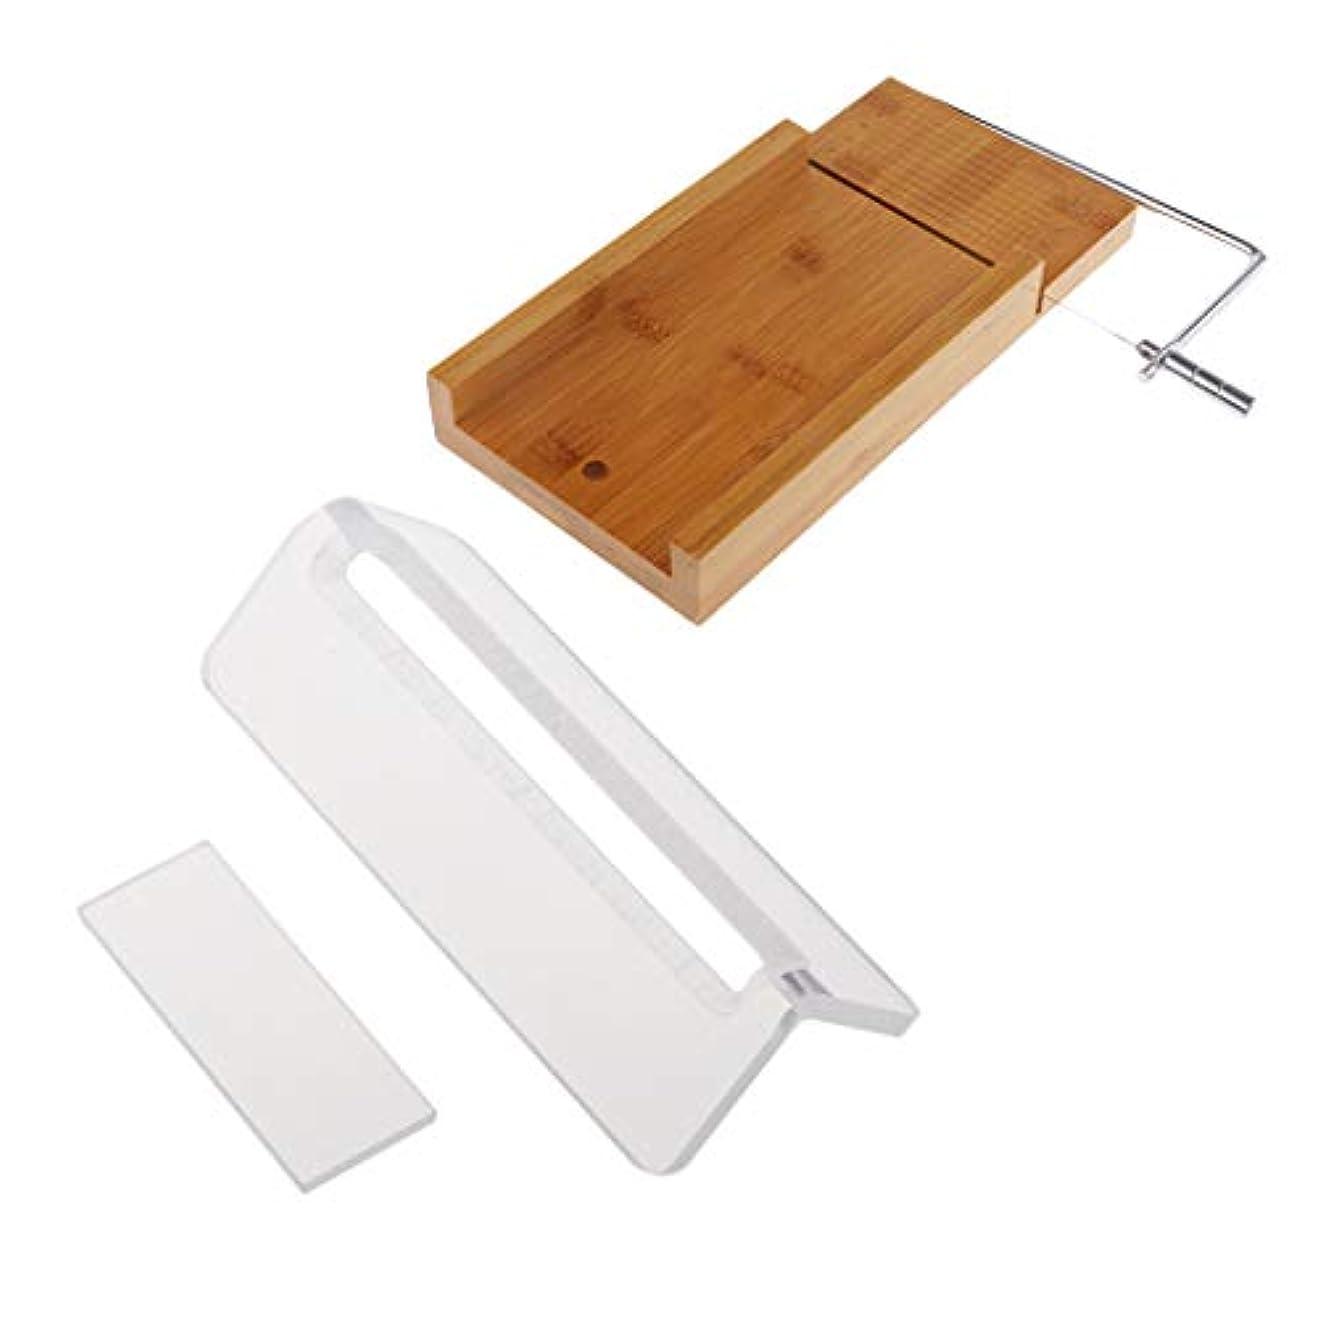 ペチュランスはさみ枝FLAMEER ローフカッター 木製 ソープ包丁 石鹸カッター 手作り石鹸 DIY キッチン用品 2個入り